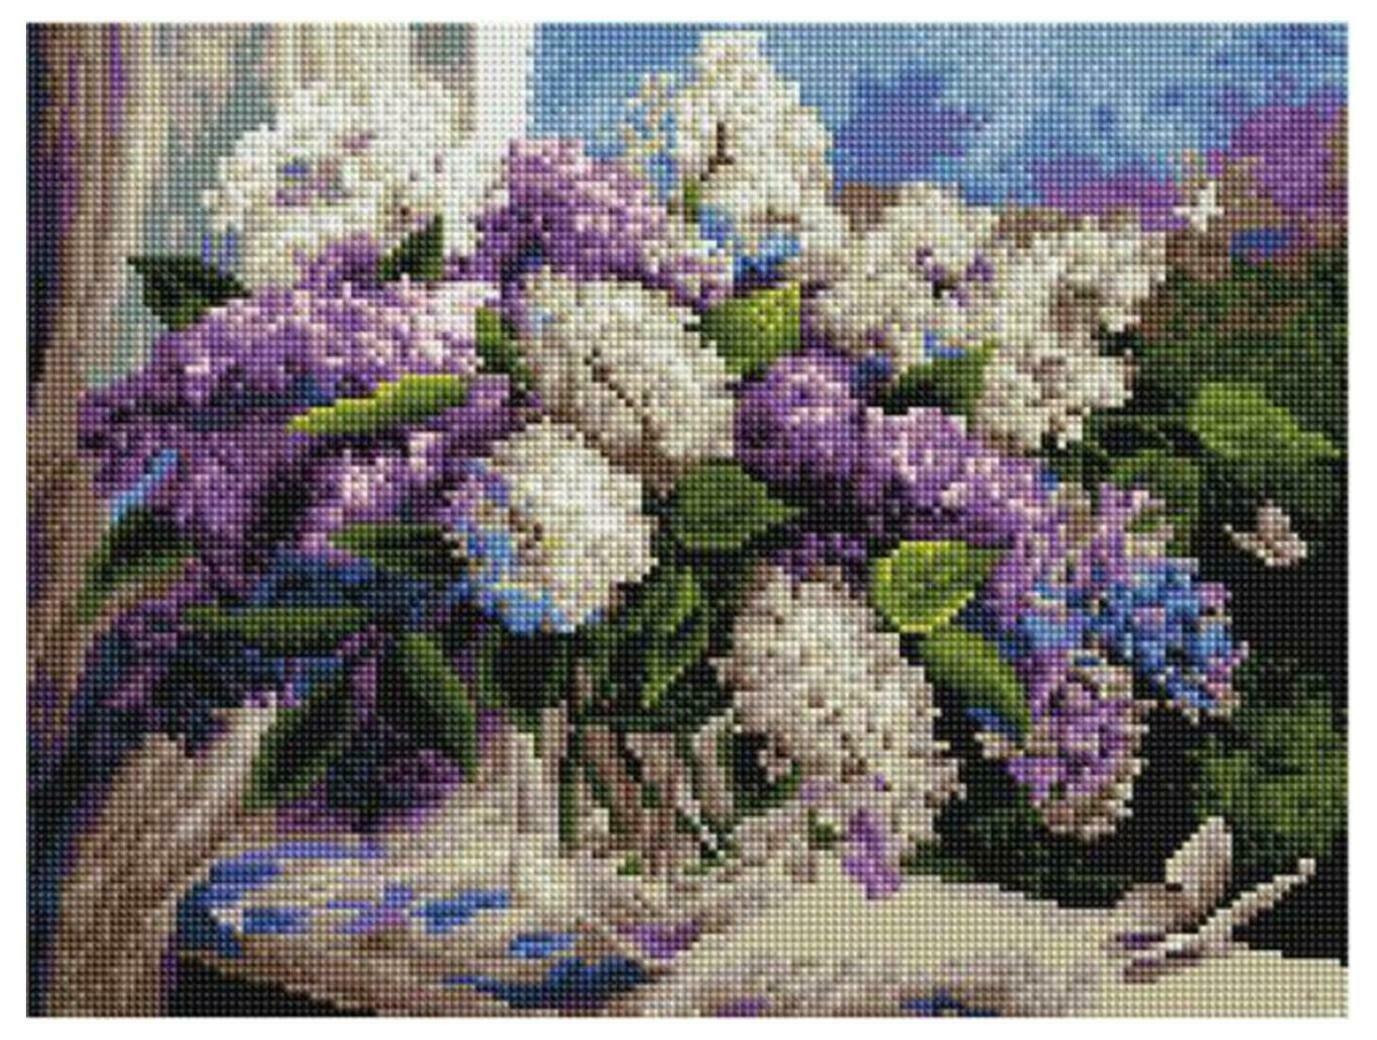 Алмазная мозаика Paintboy ACPK 79005 Полет в сиреневую весну (Воробьёва Ольга) 30*40